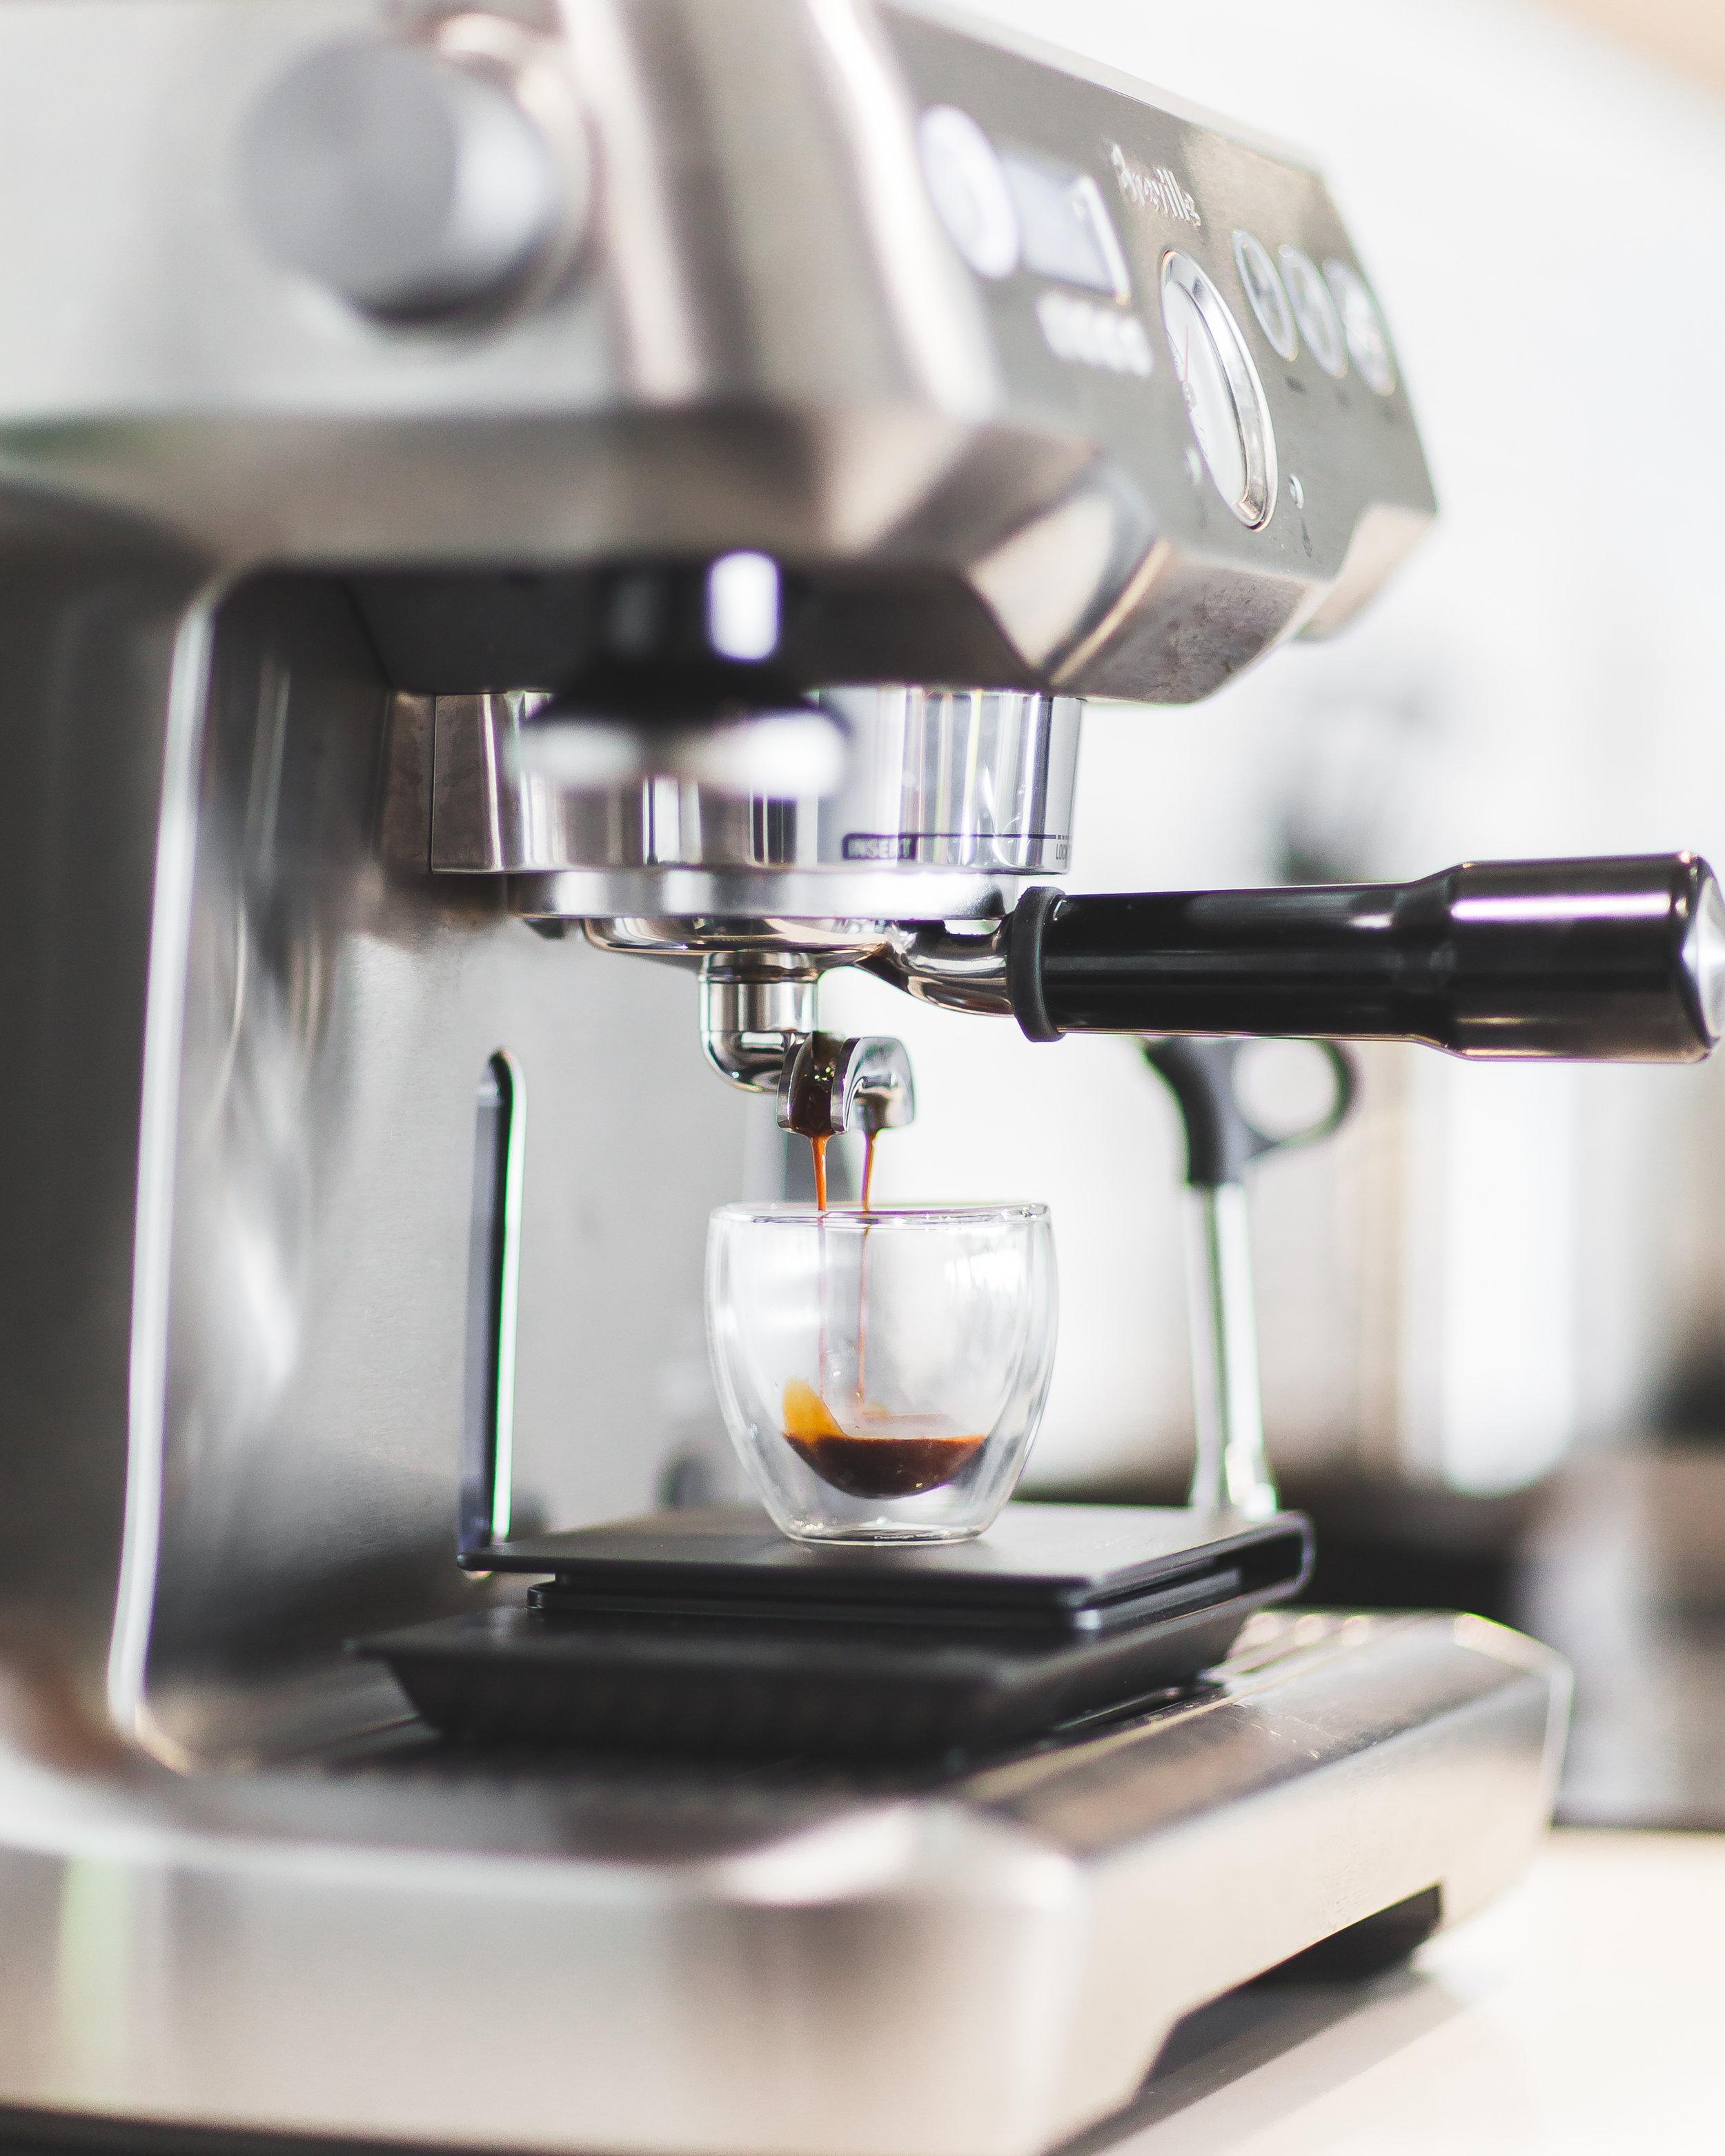 Espresso Brewing - Breville Dual Boiler MachineROK Manual Espresso MakerEspresso Distribution ToolKeepCup 12oz Reusable Coffee Cup